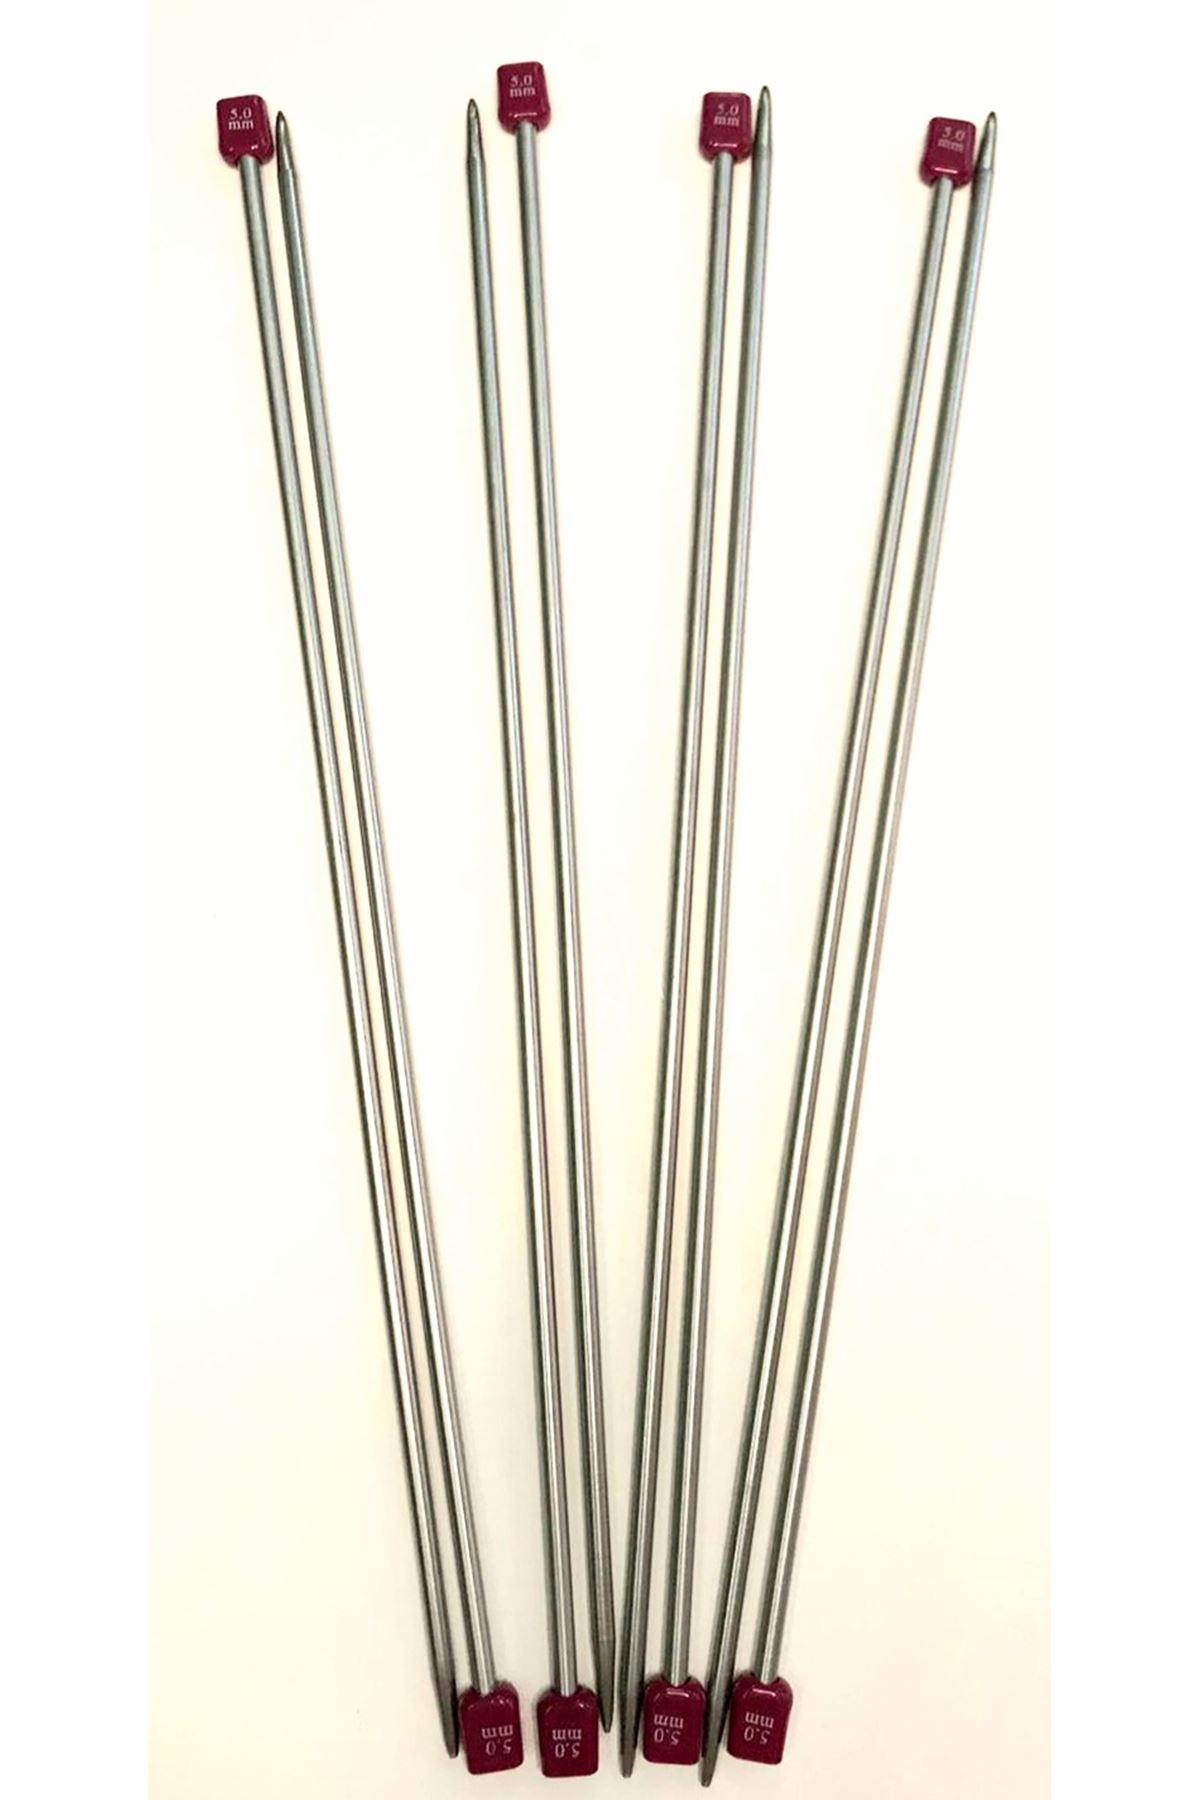 Titanyum/Çelik Şiş 7 mm